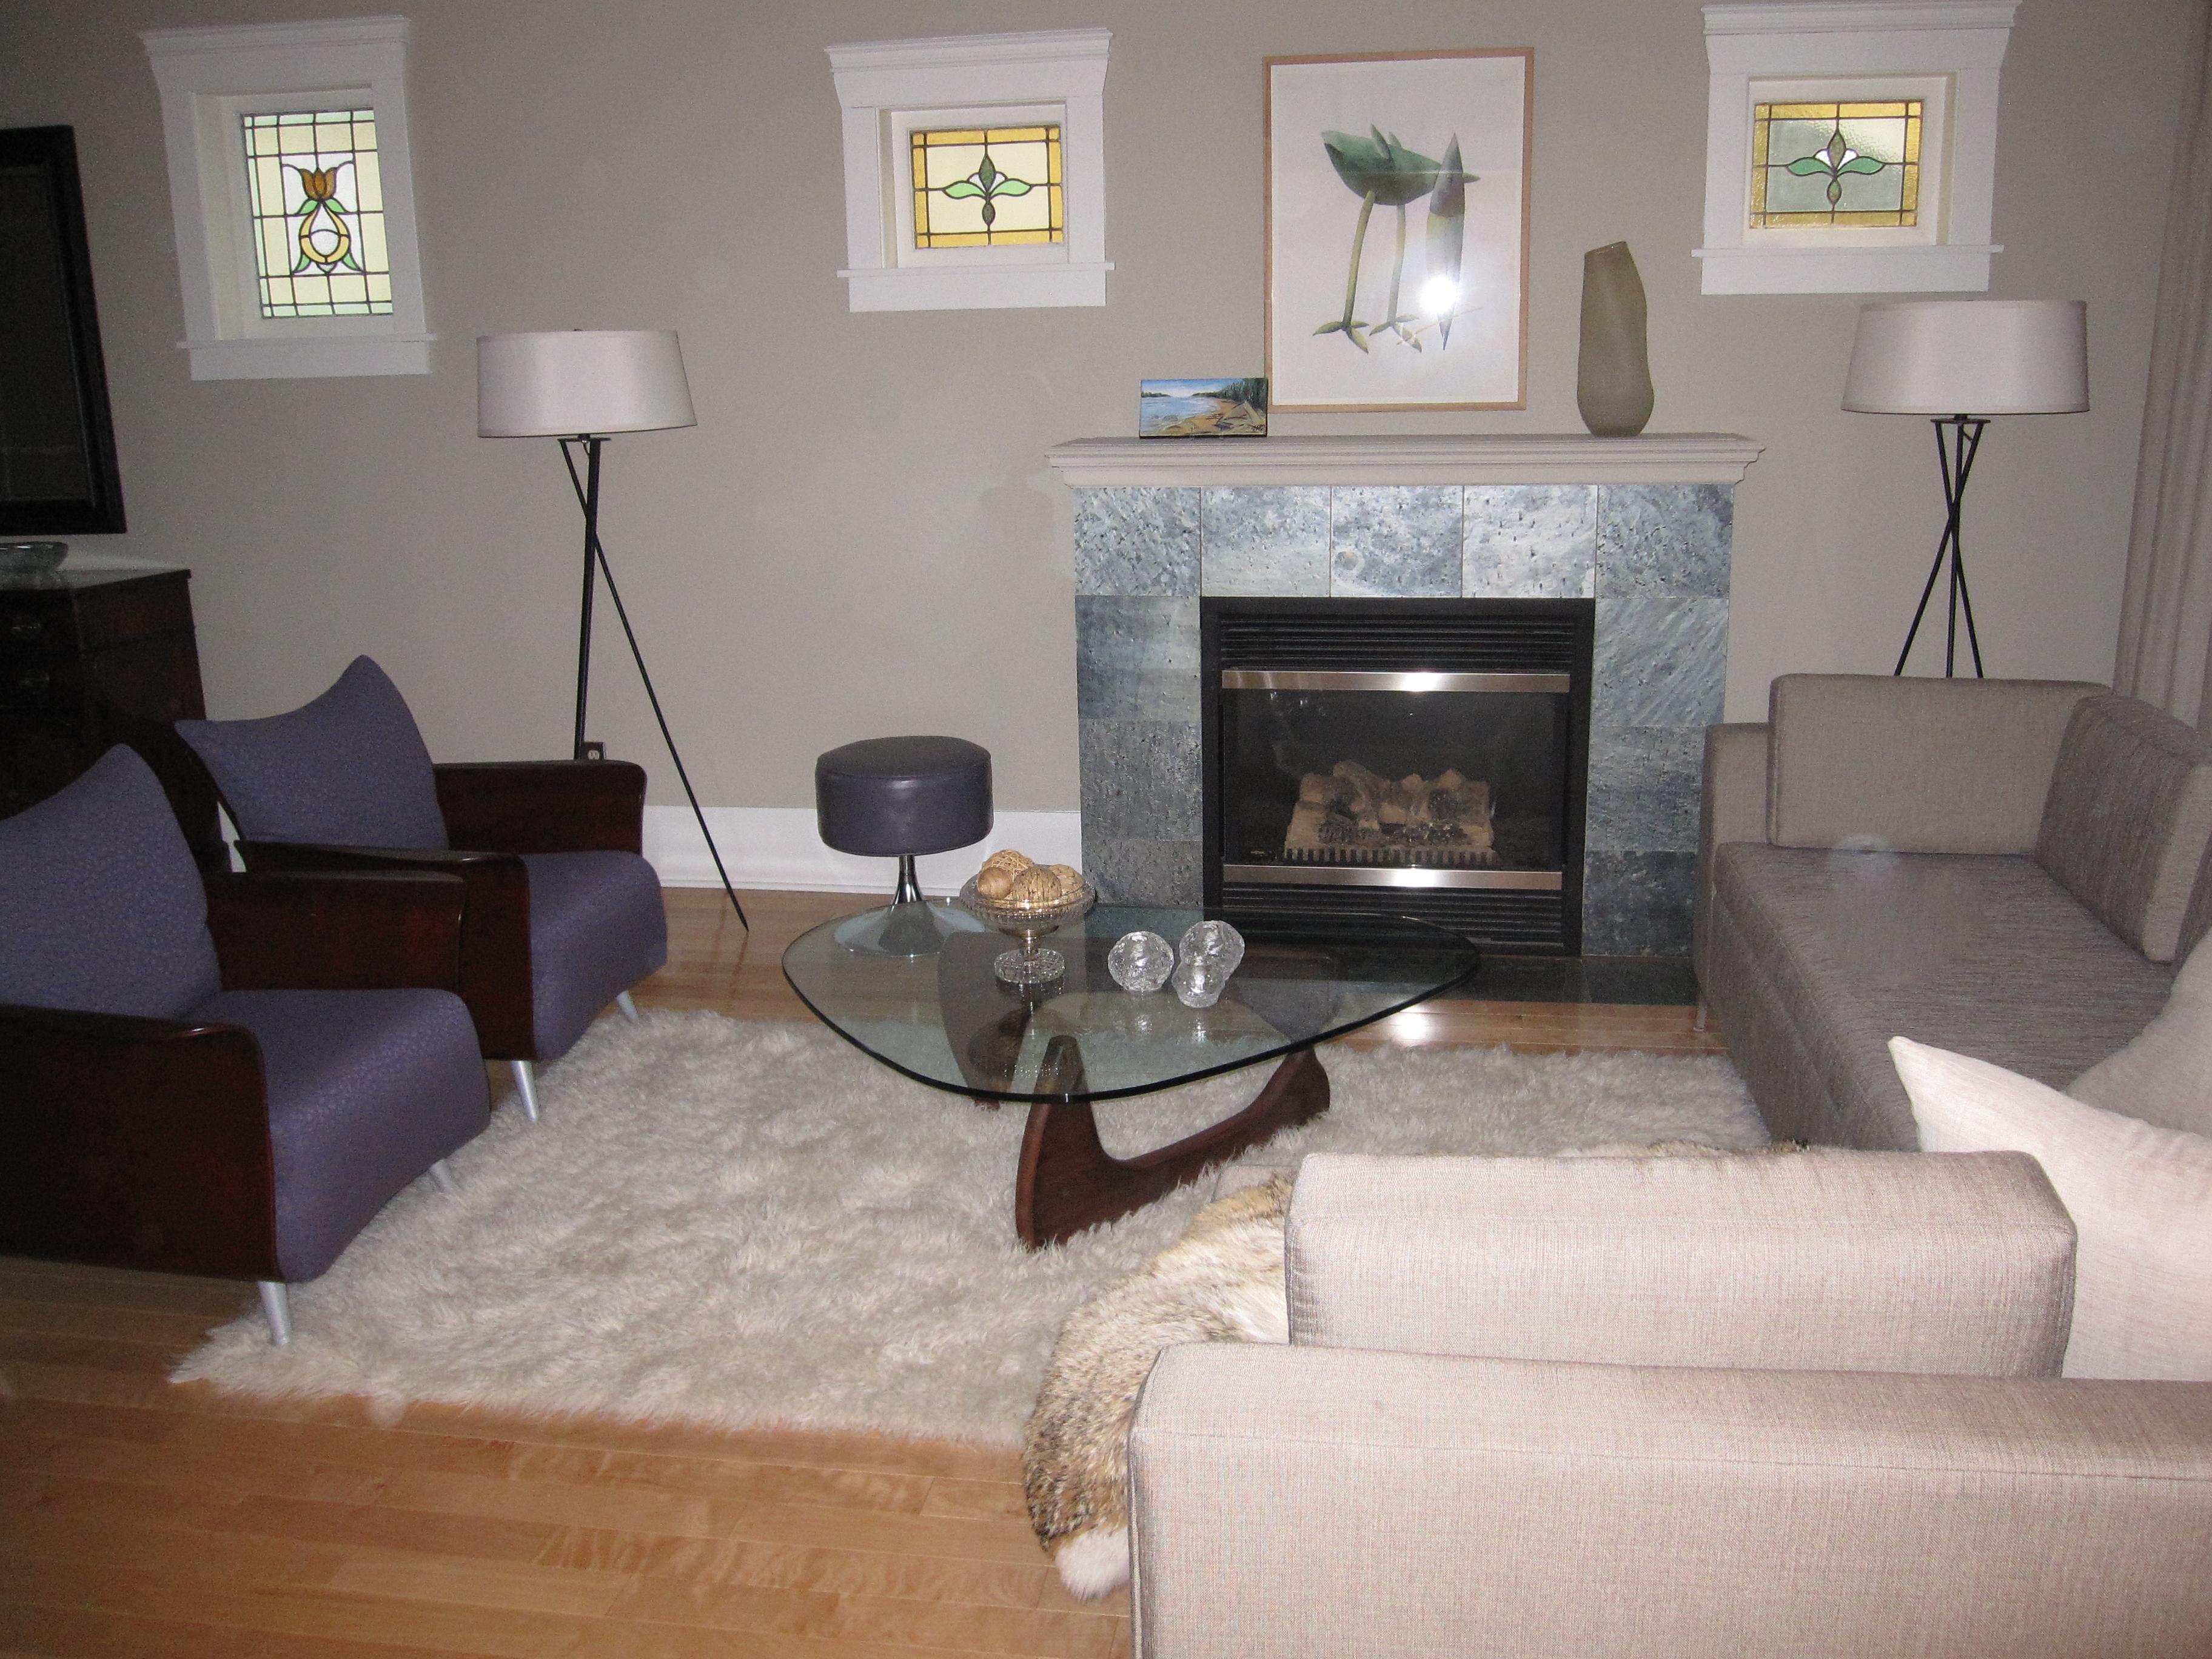 Balance vs symmetry modmissy for Living room versus family room